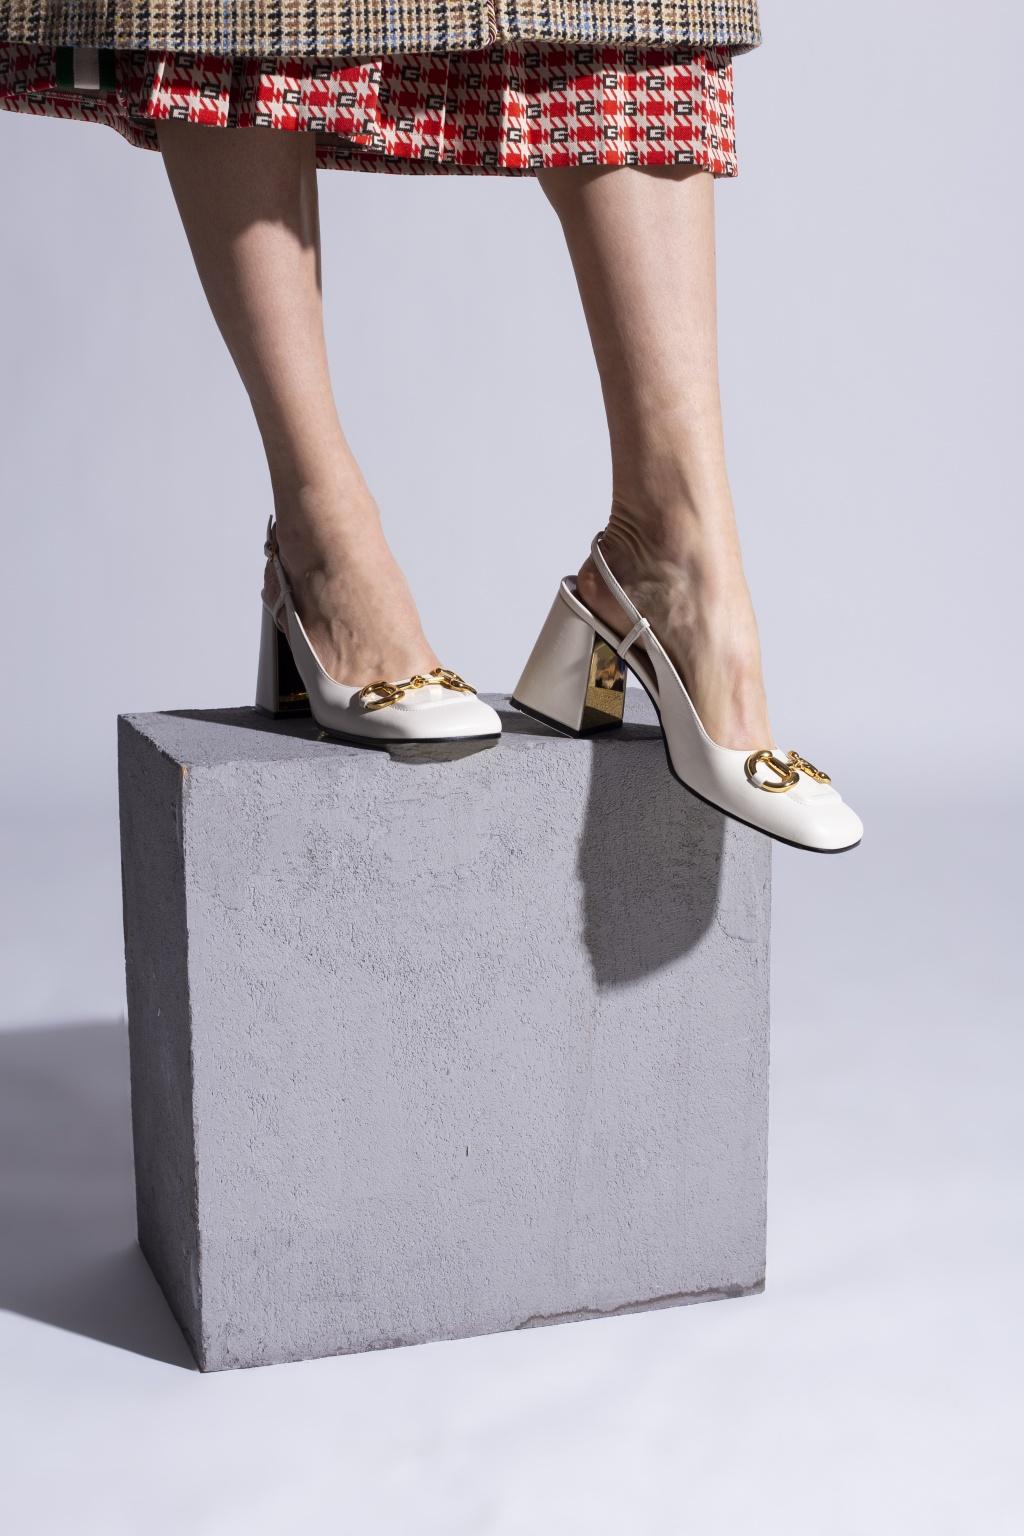 Giày sandals Gucci Slingback trắng với hoạ tiết hàm thiếc ngựa